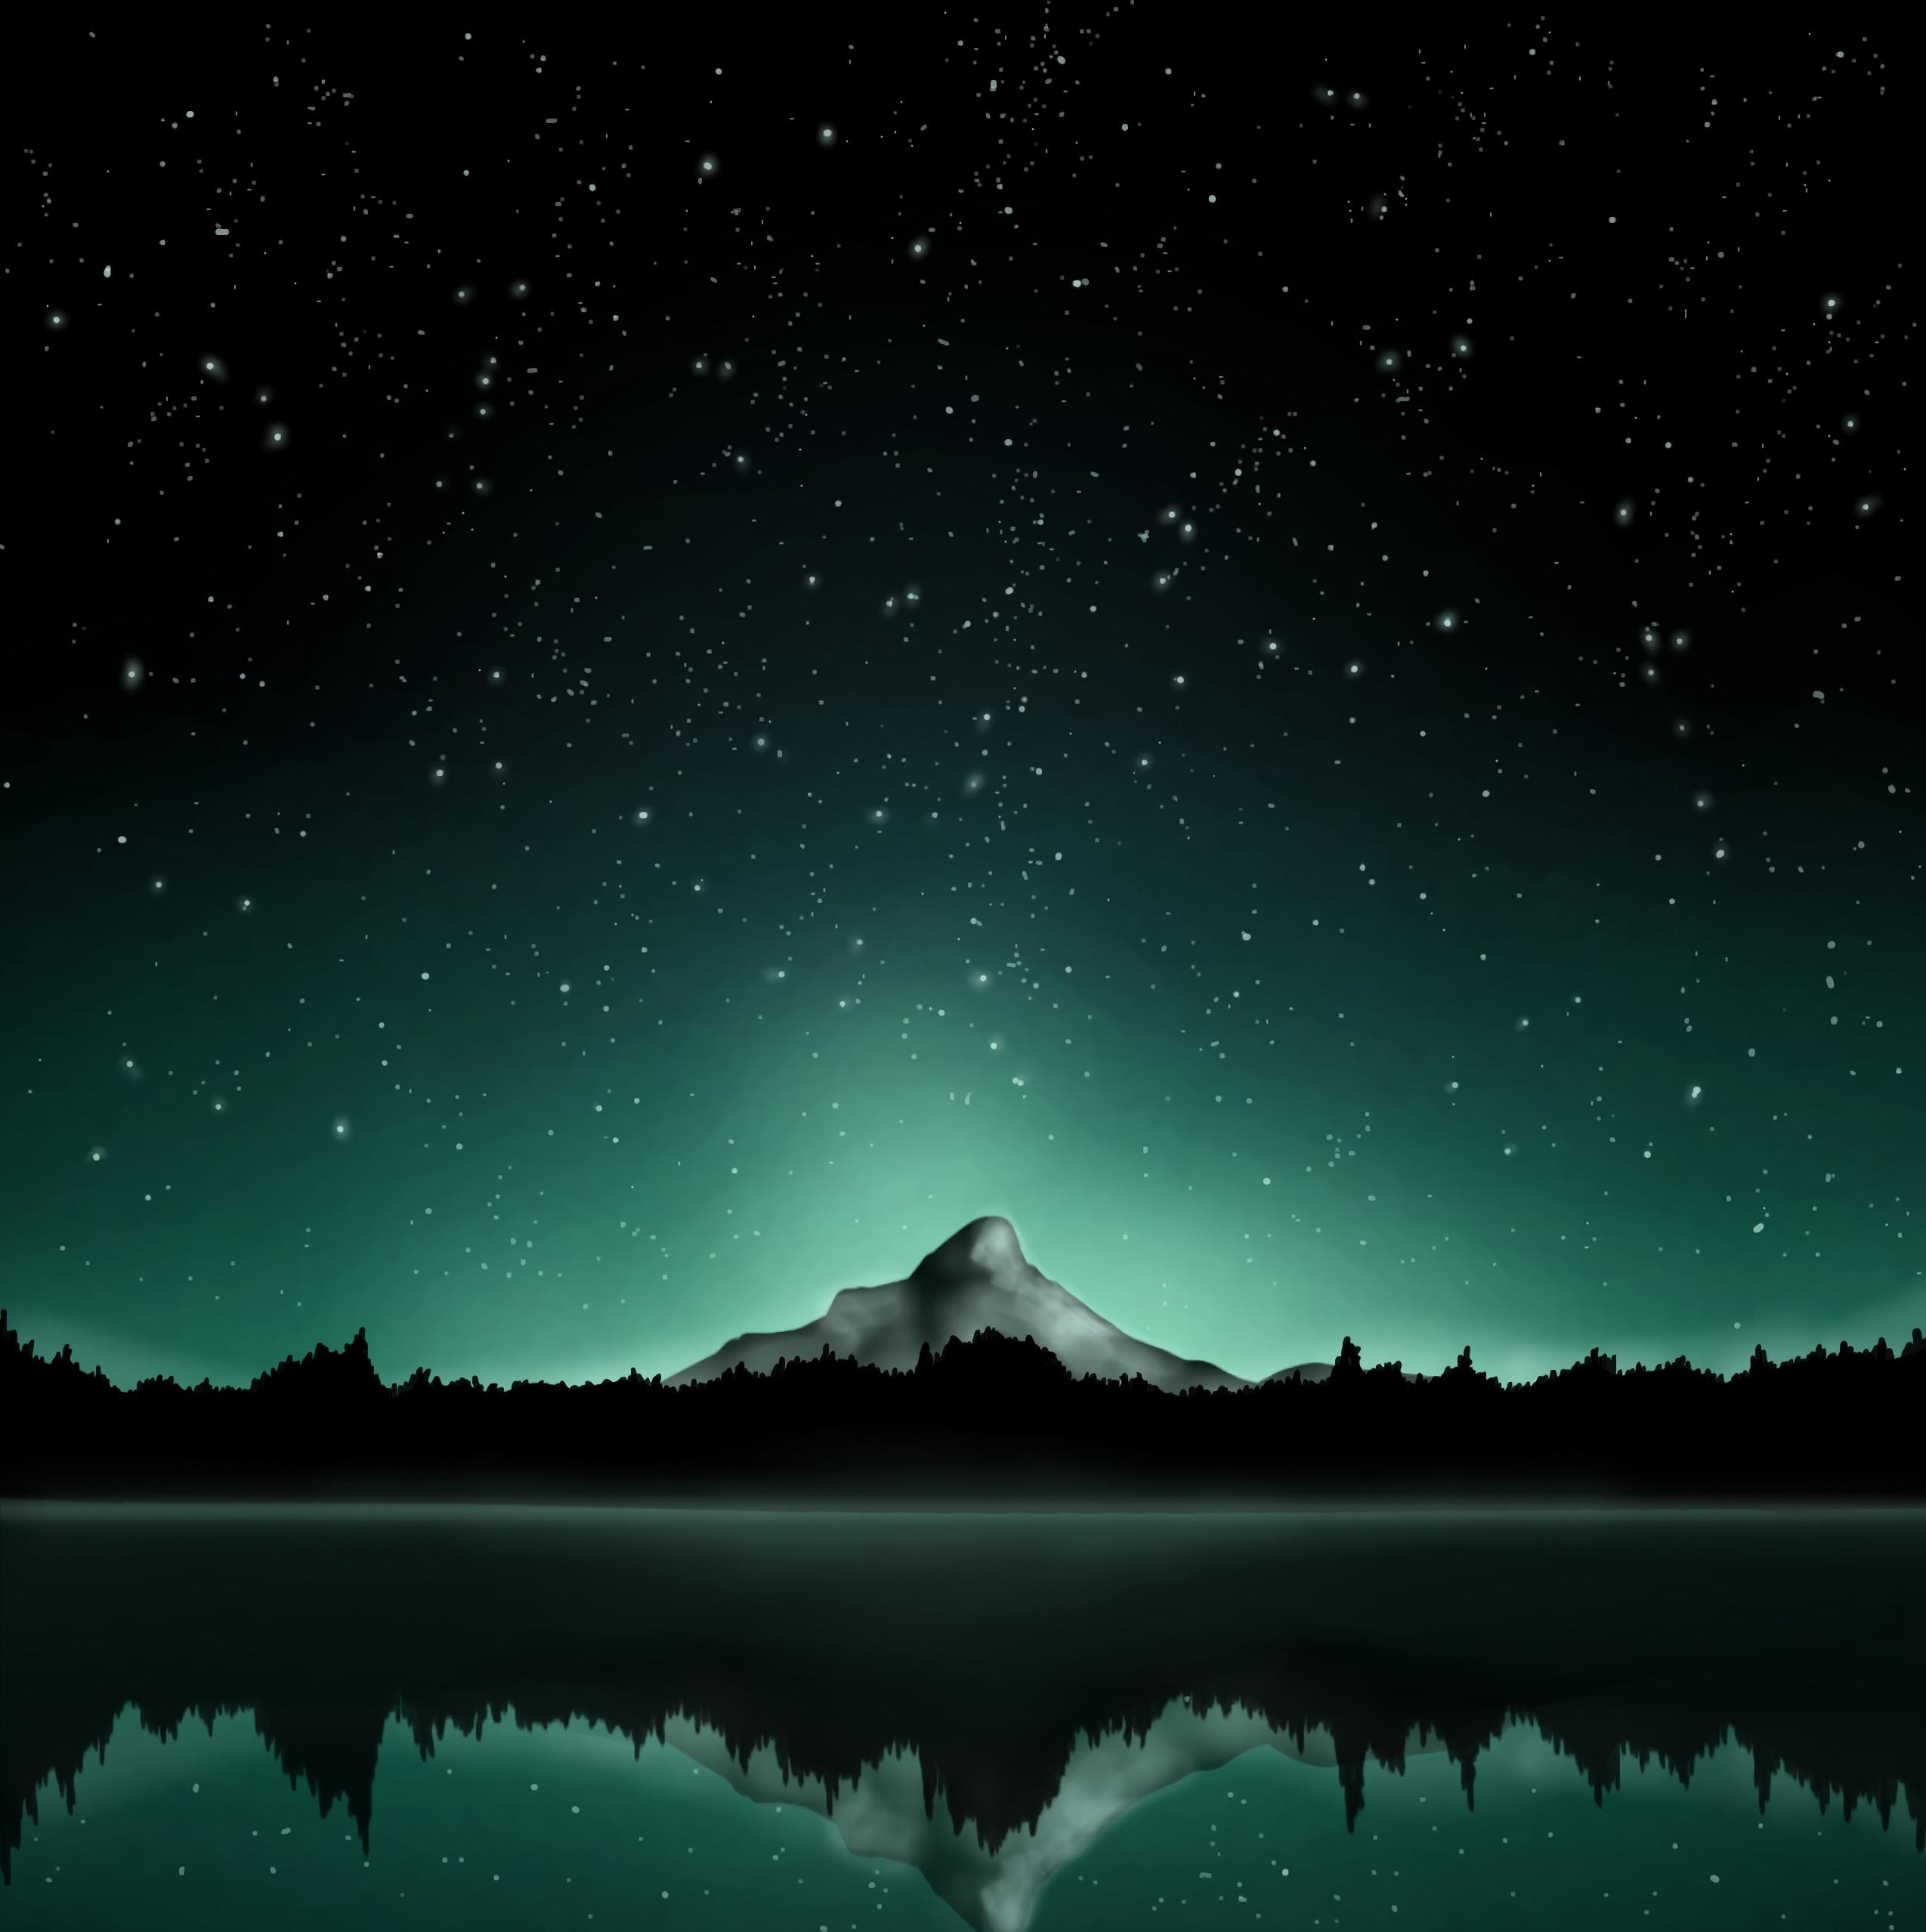 55310 скачать обои Звезды, Арт, Гора, Звездное Небо - заставки и картинки бесплатно